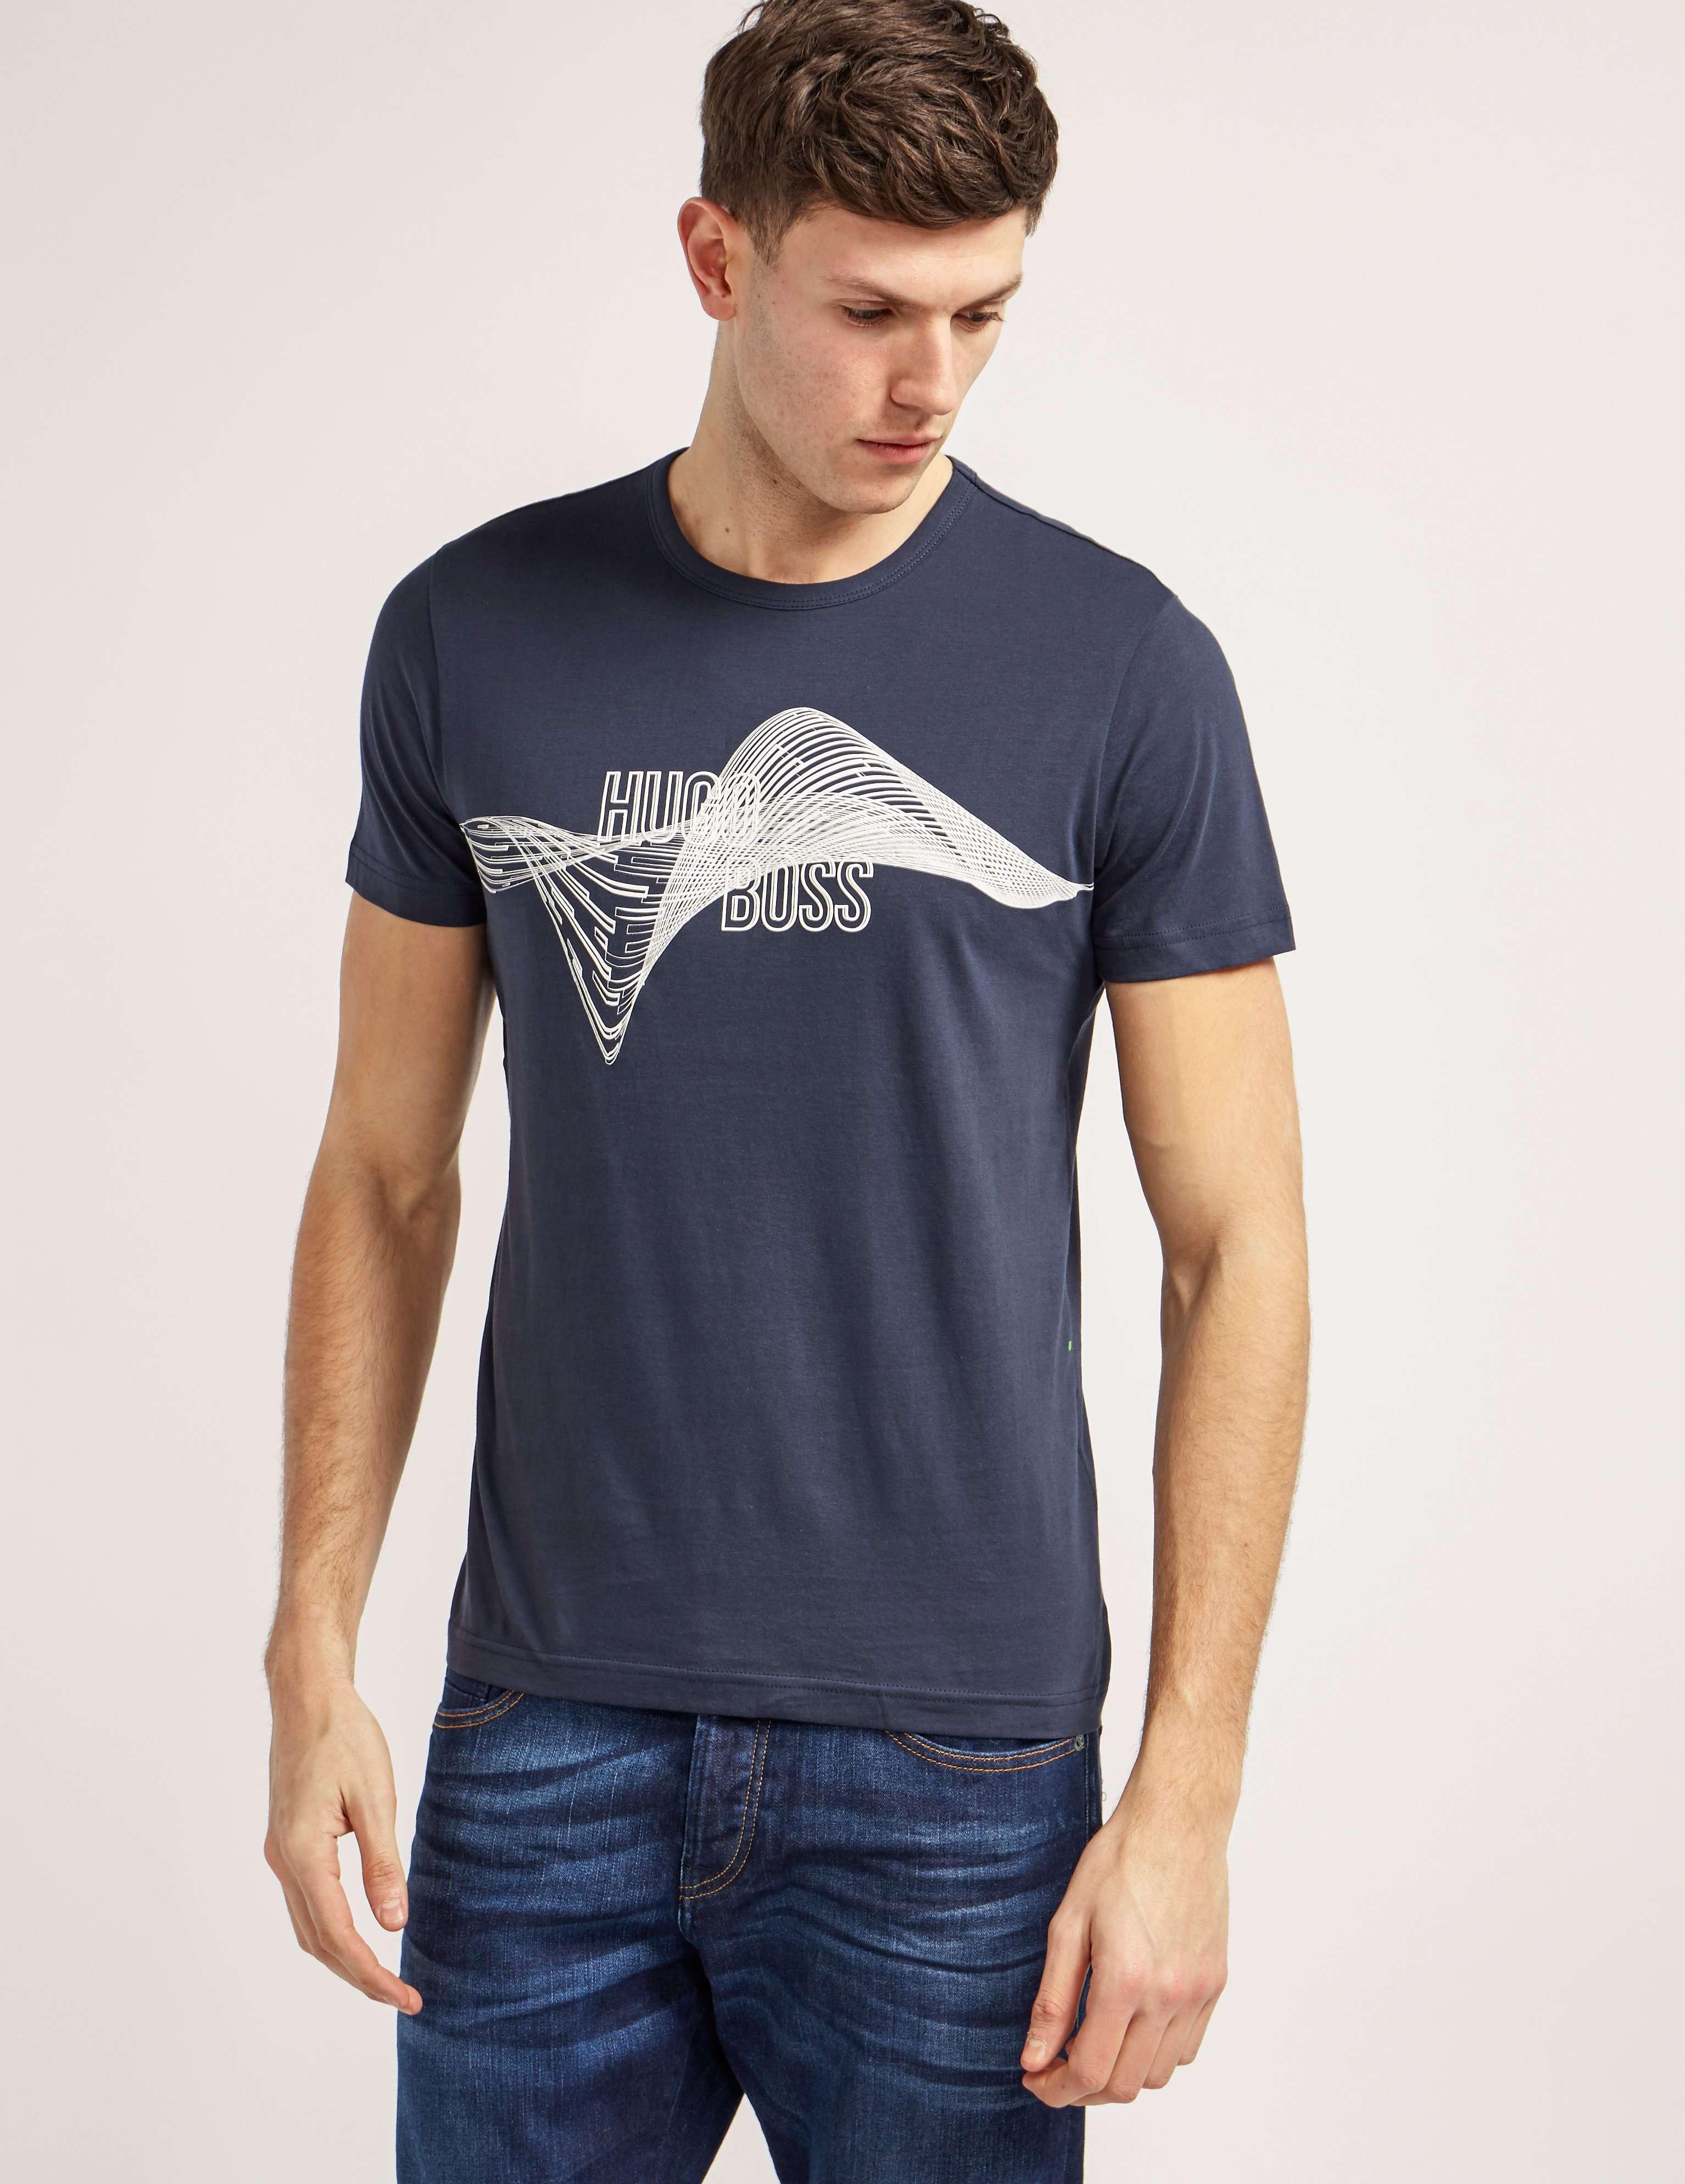 BOSS Green Helix Print Short Sleeve T-Shirt